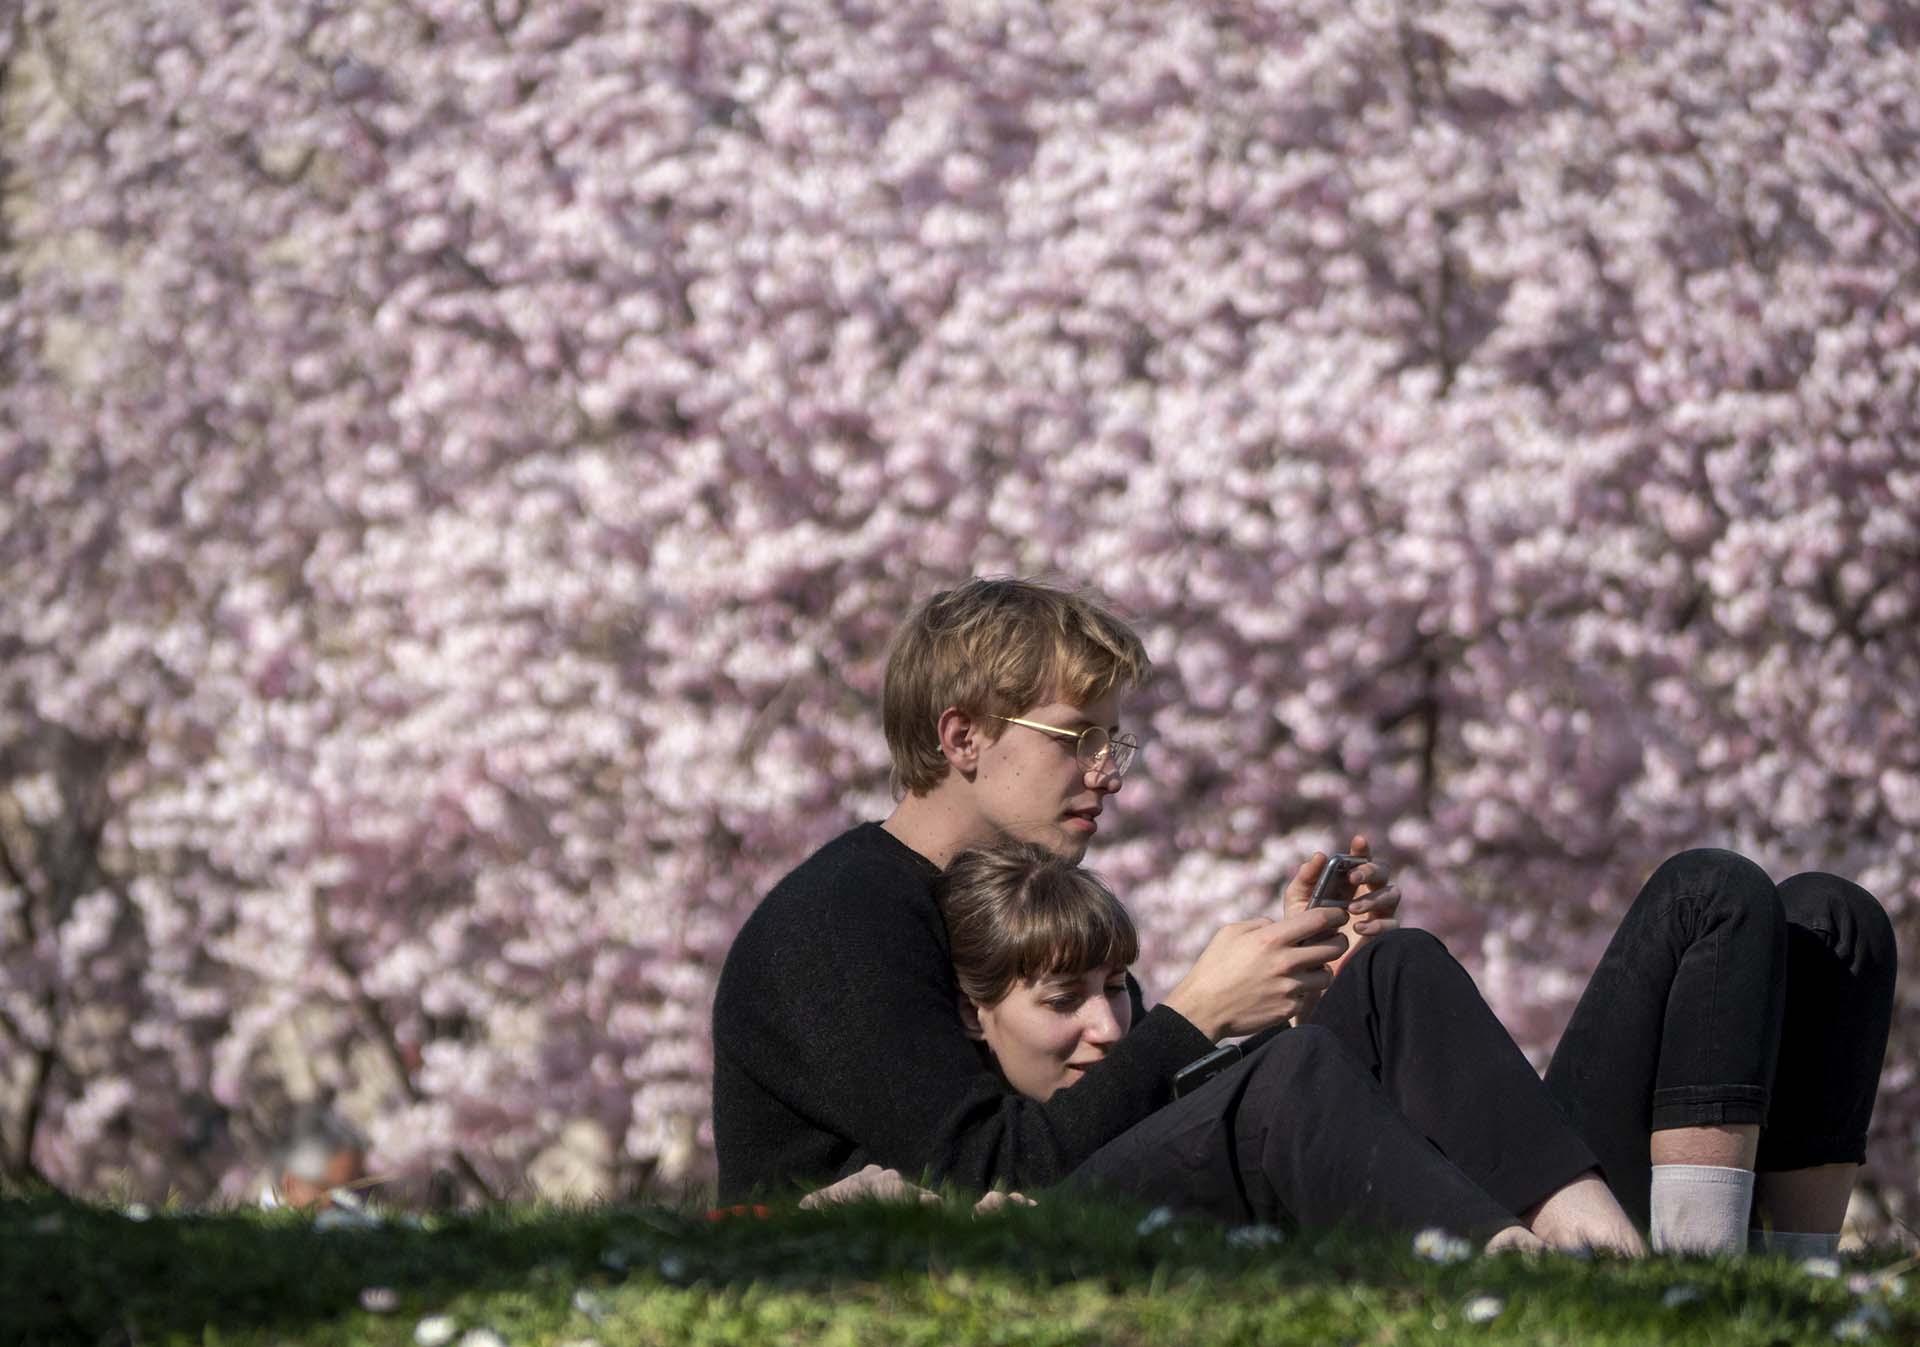 Arbol De Cerezo Japones la primavera viste de flores al hemisferio norte - infobae